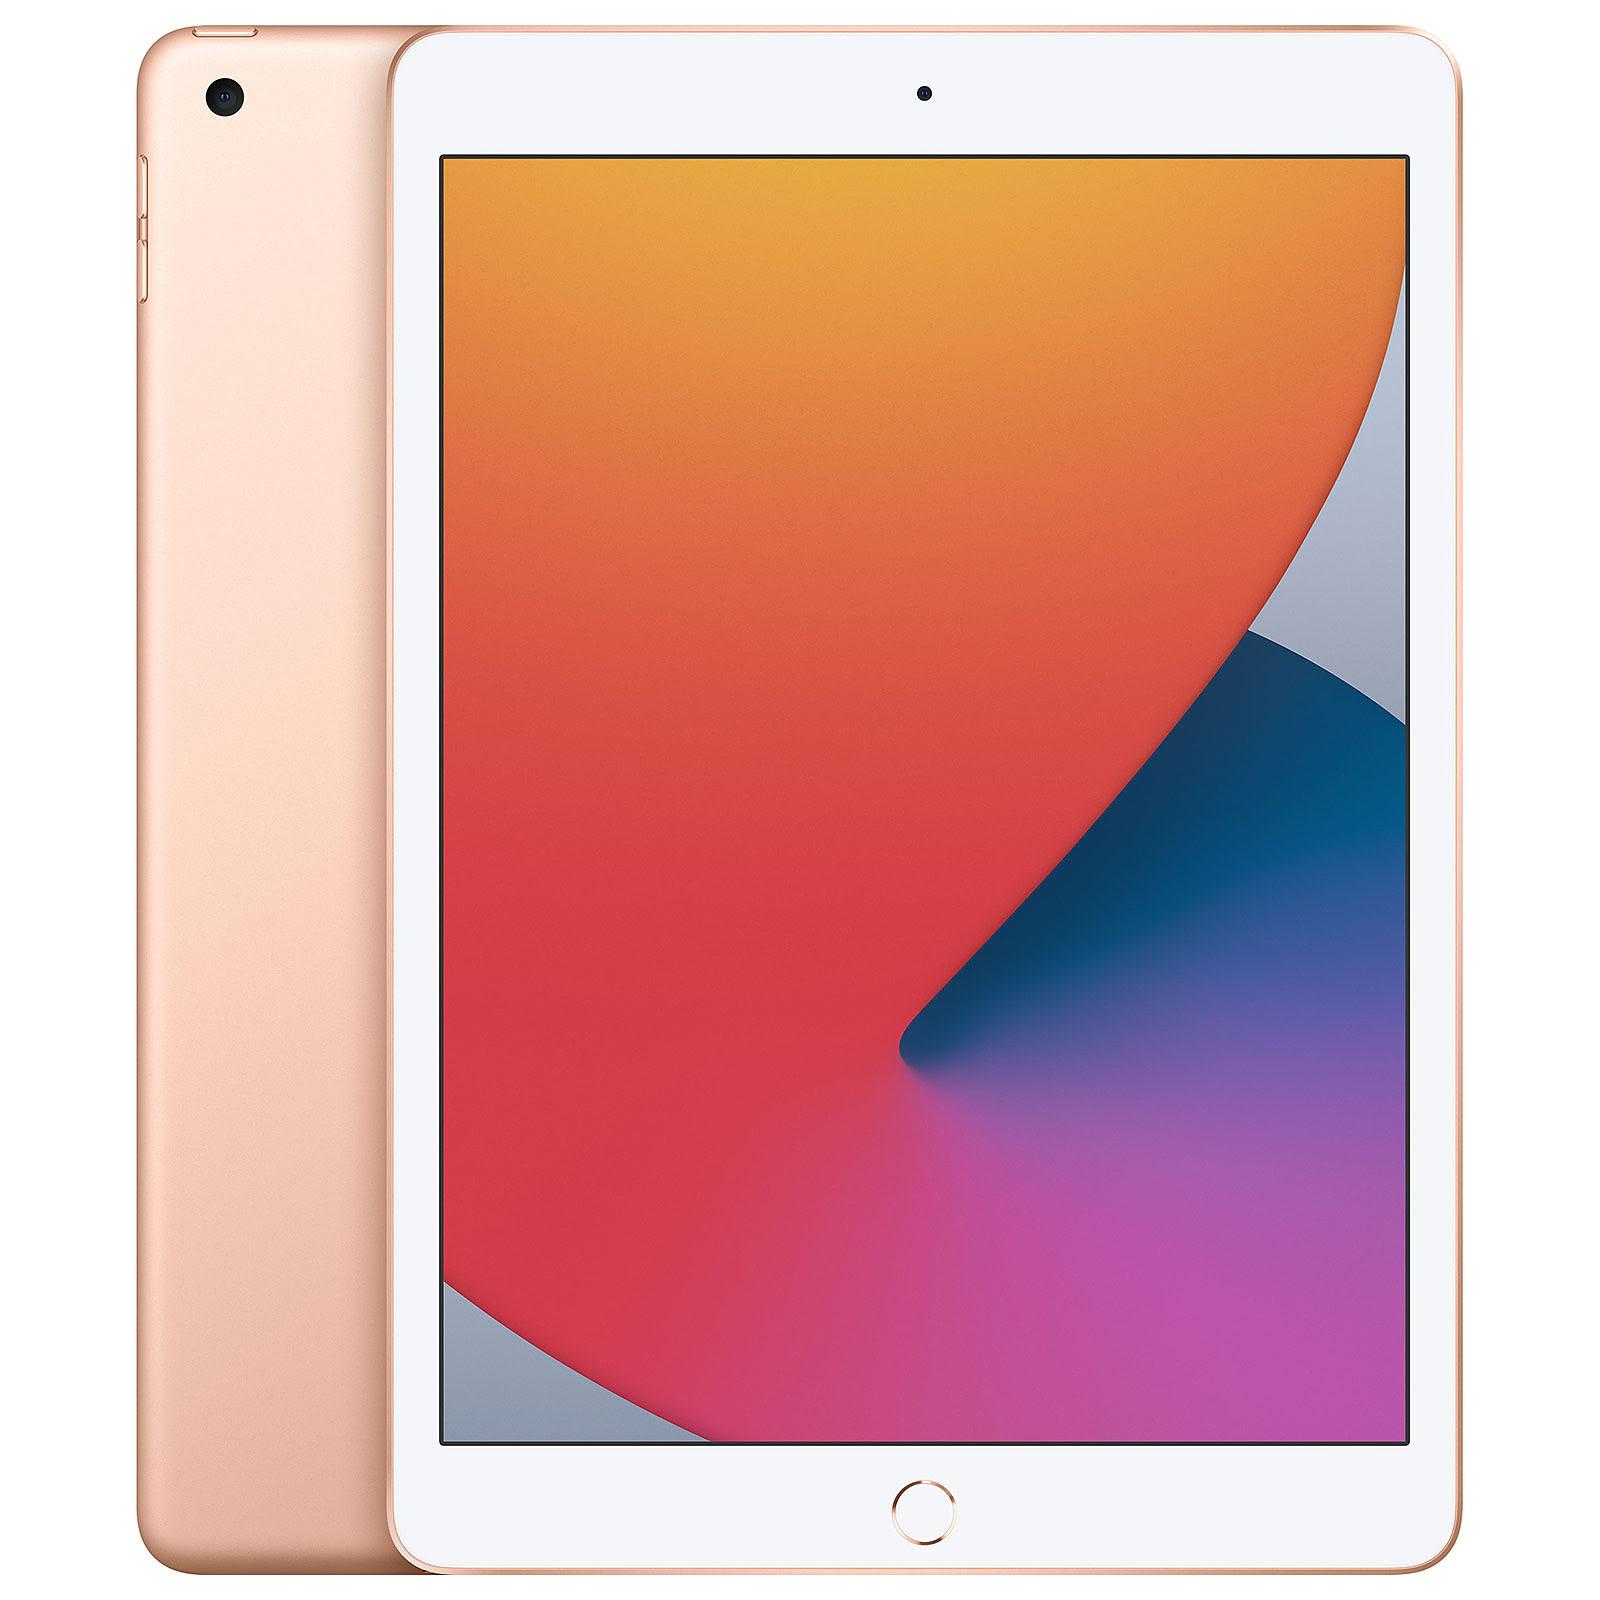 iPad 10.2 WiFi 128Go Or - MYLF2NF/A